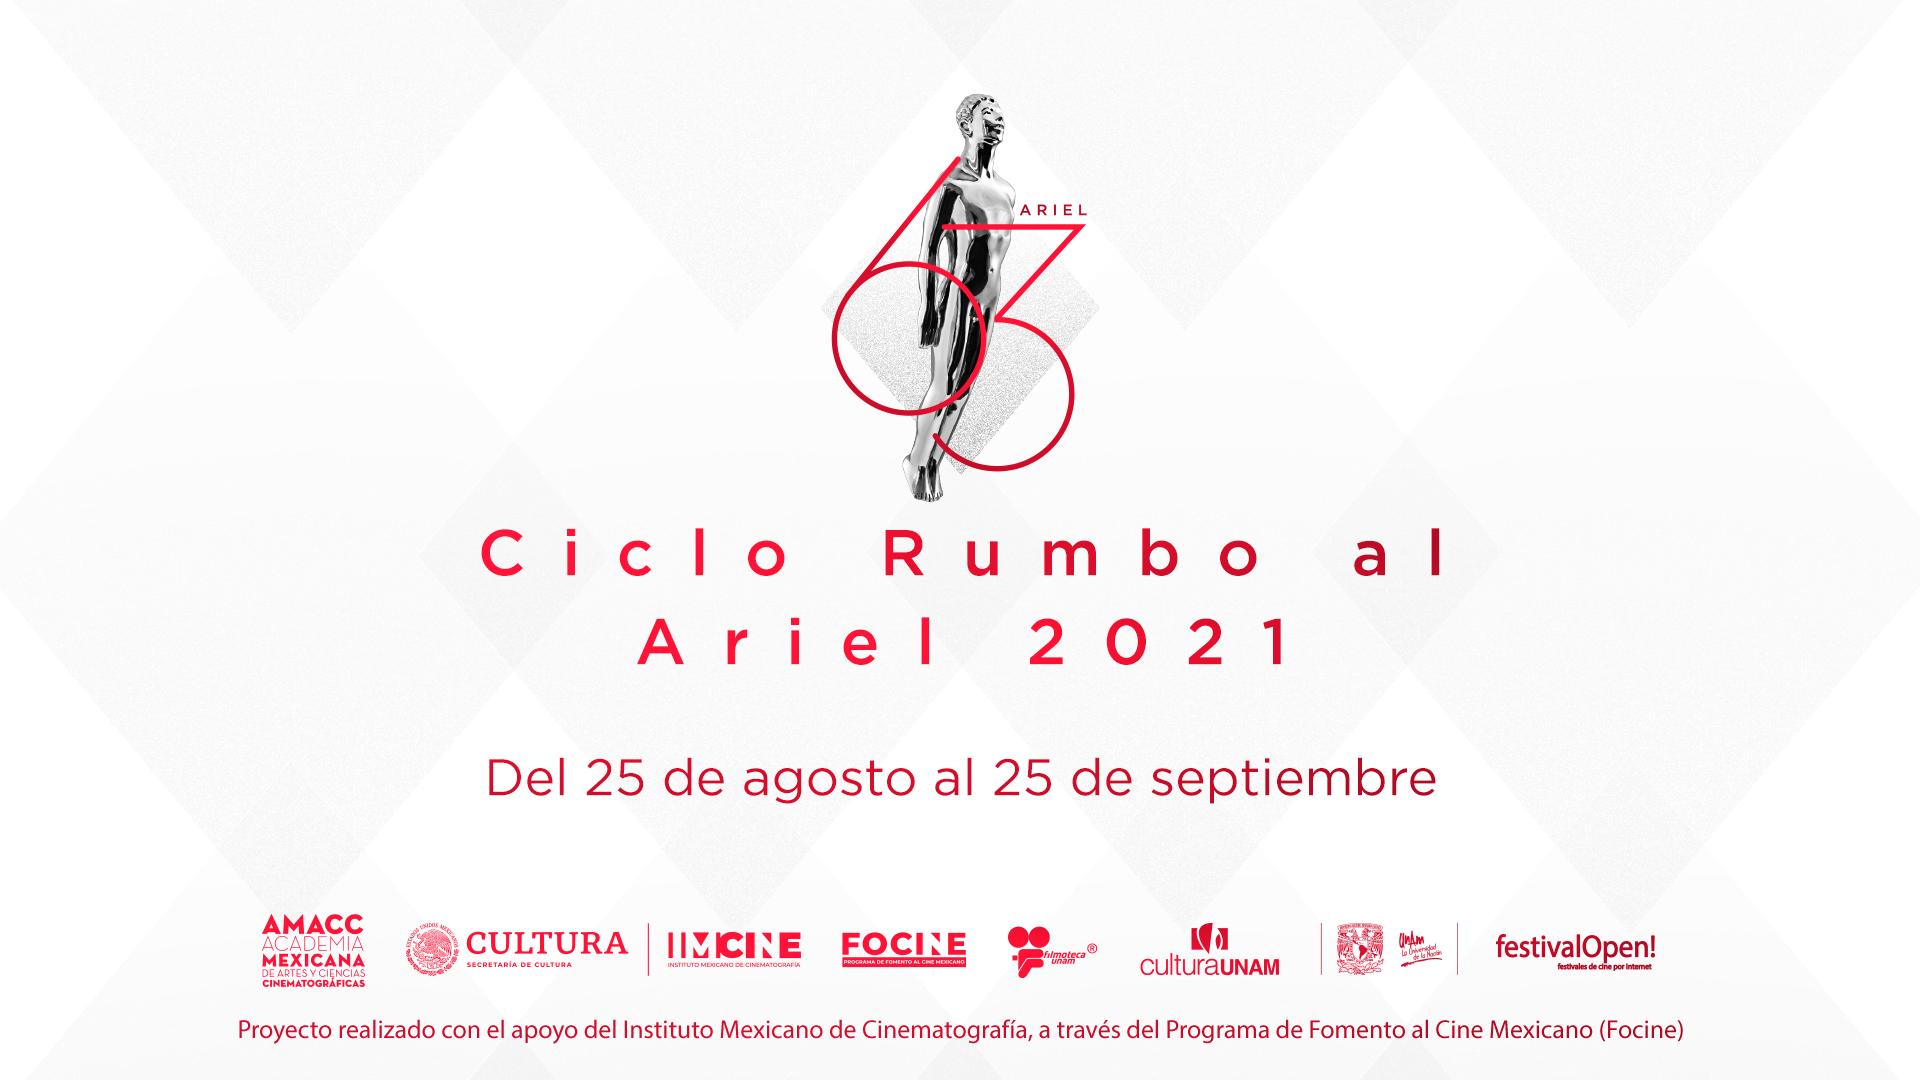 CICLO RUMBO AL ARIEL 2021